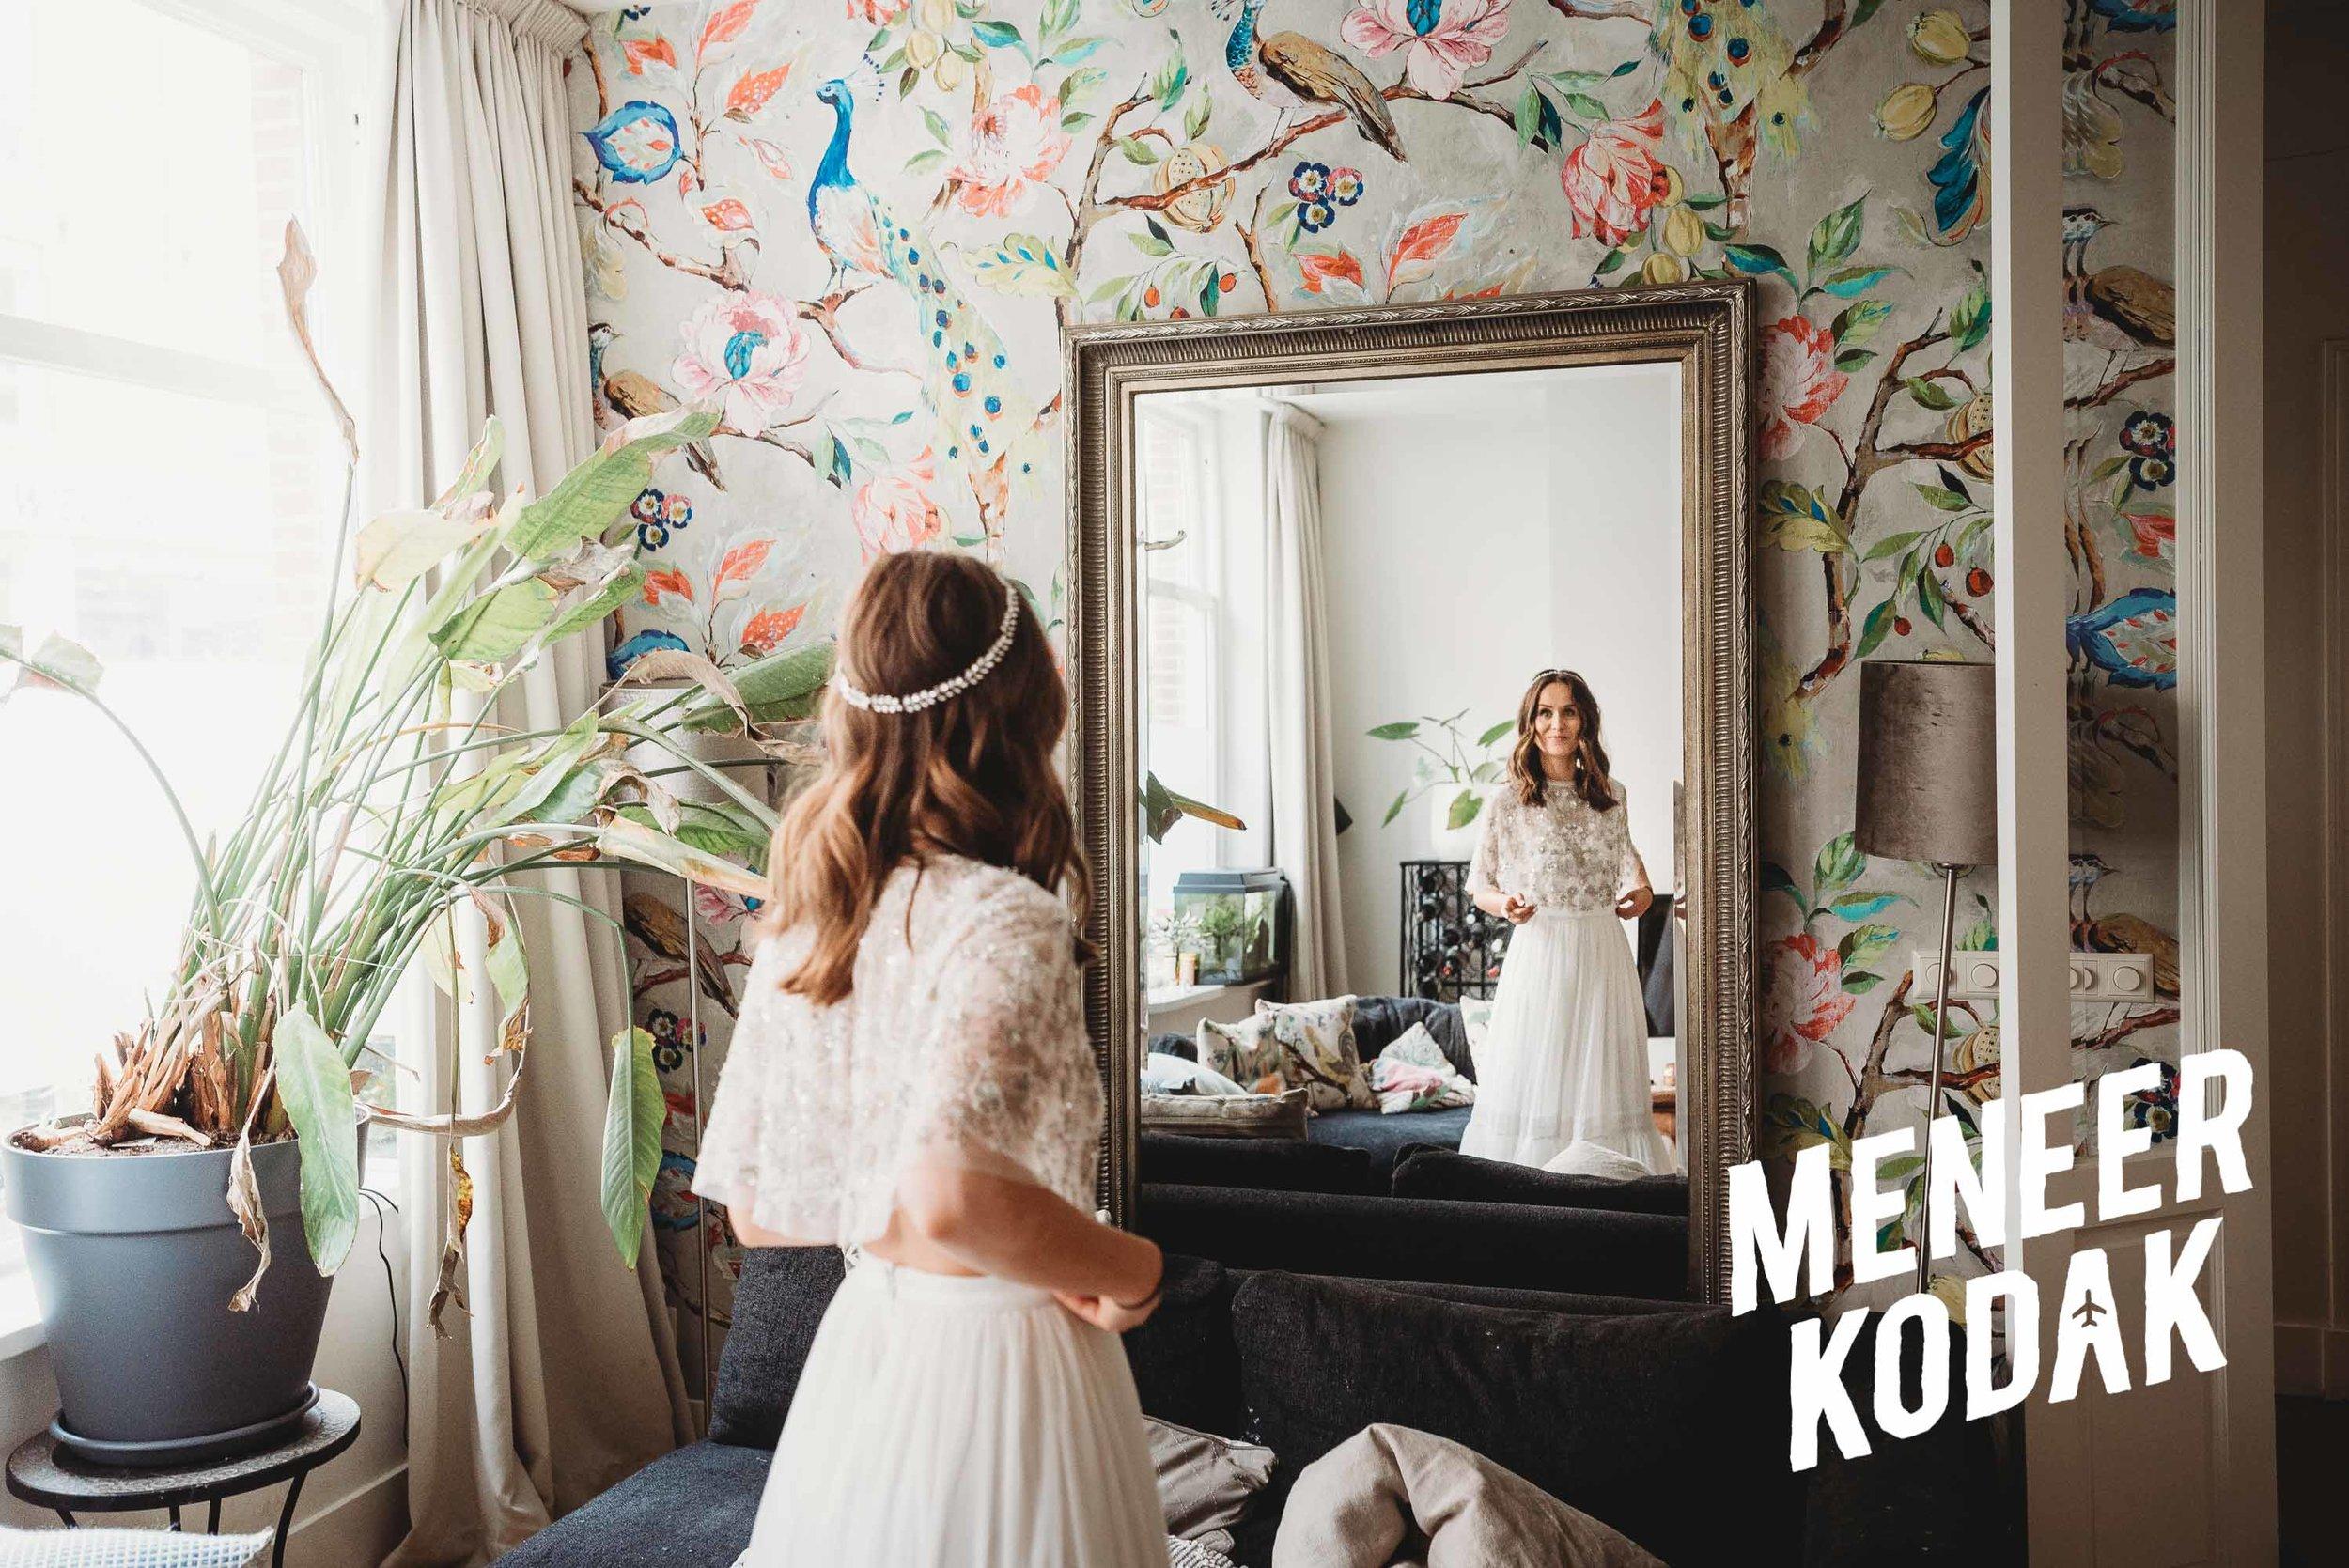 Meneer Kodak - Trouwfotograaf - Amsterdam - H&T-027.jpg